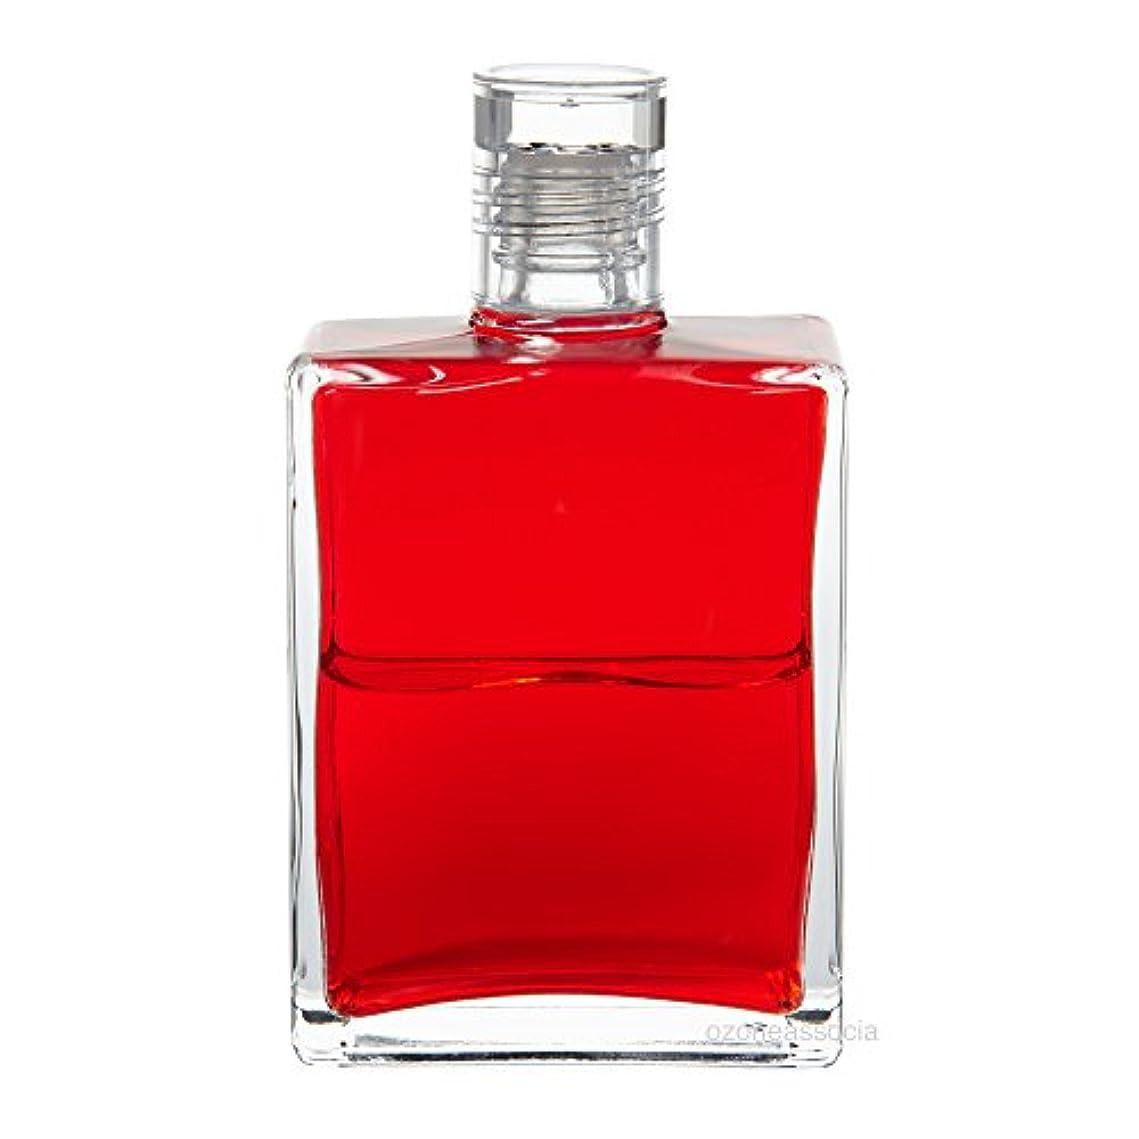 過半数好奇心敬オーラソーマ ボトル 6番  エナジーボトル (レッド/レッド) イクイリブリアムボトル50ml Aurasoma